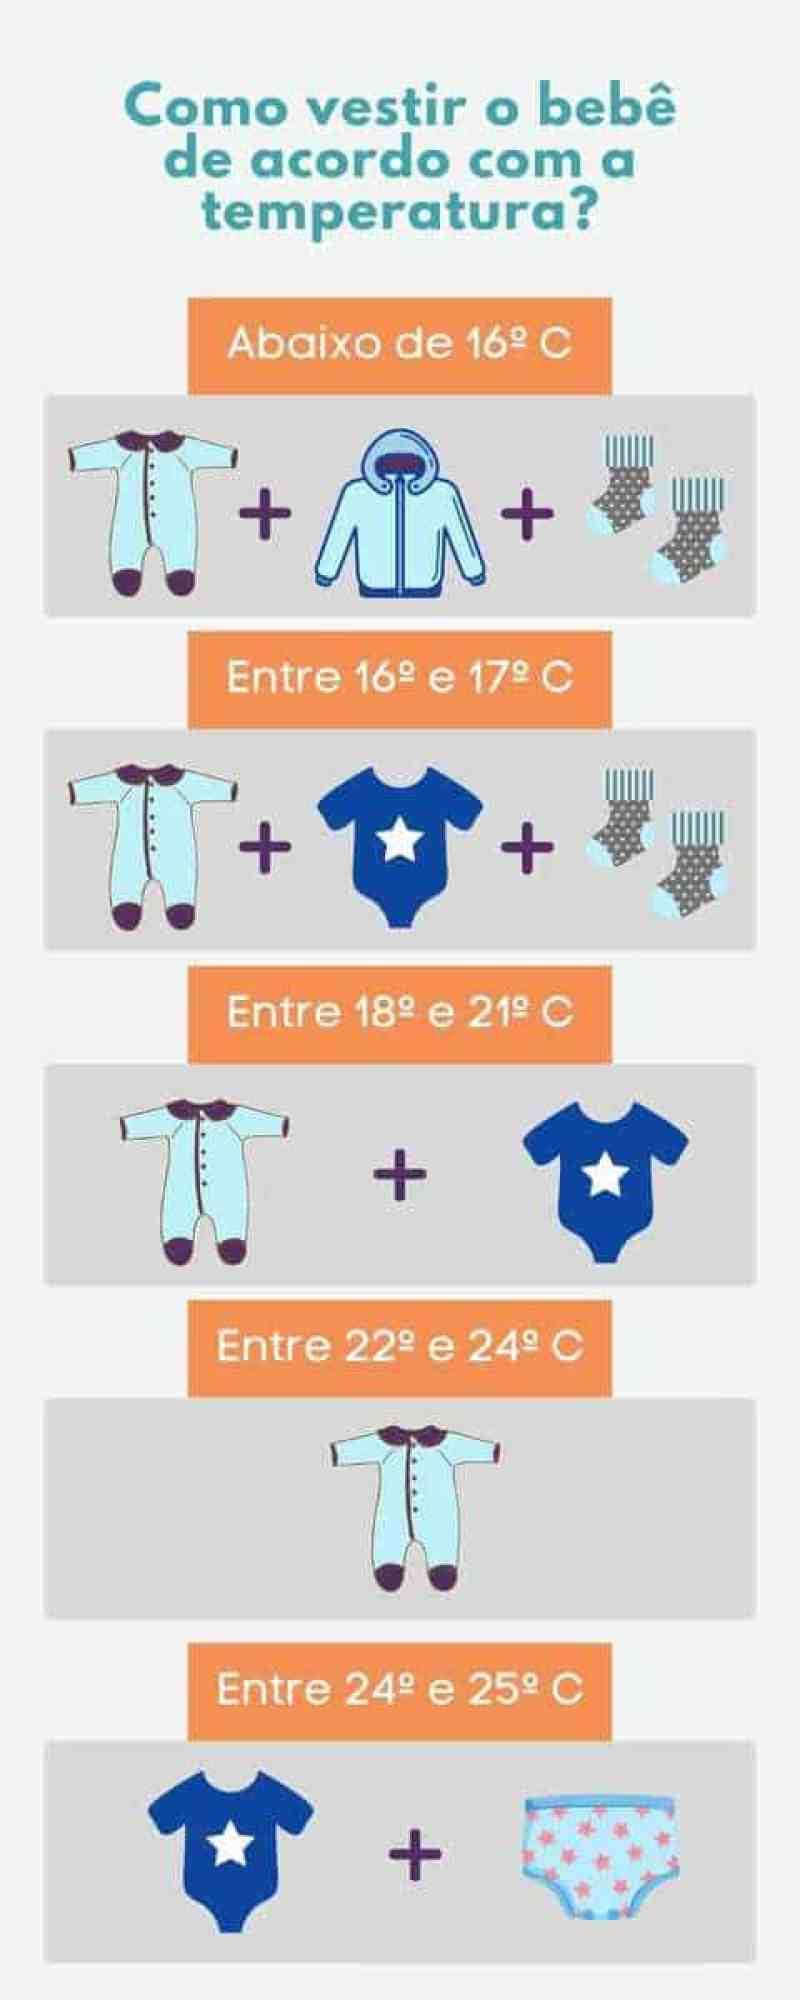 Como vestir o bebê de acordo com a temperatura